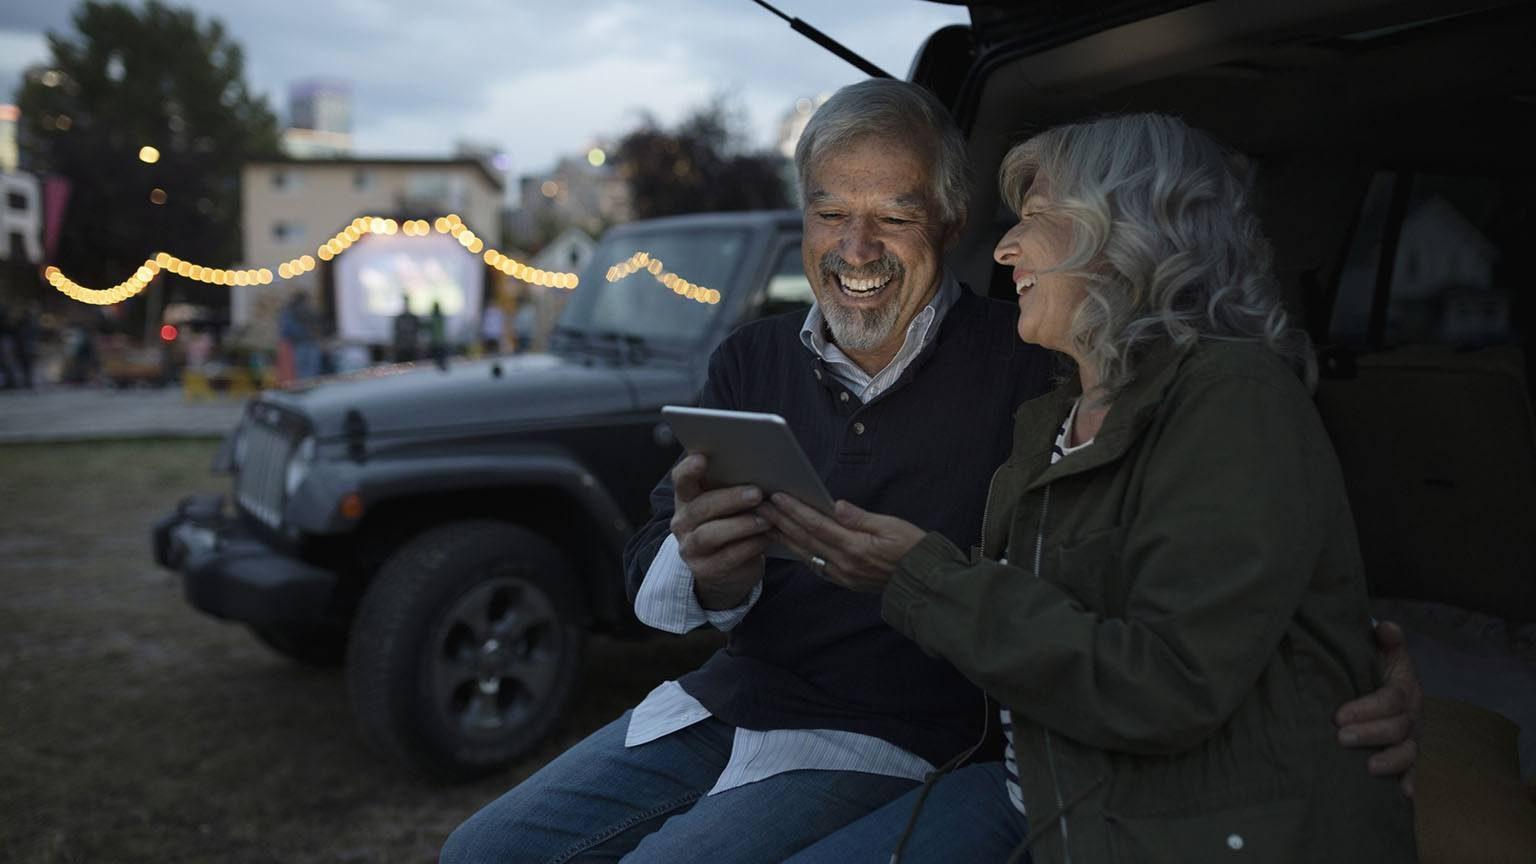 Seniors using digital tablet